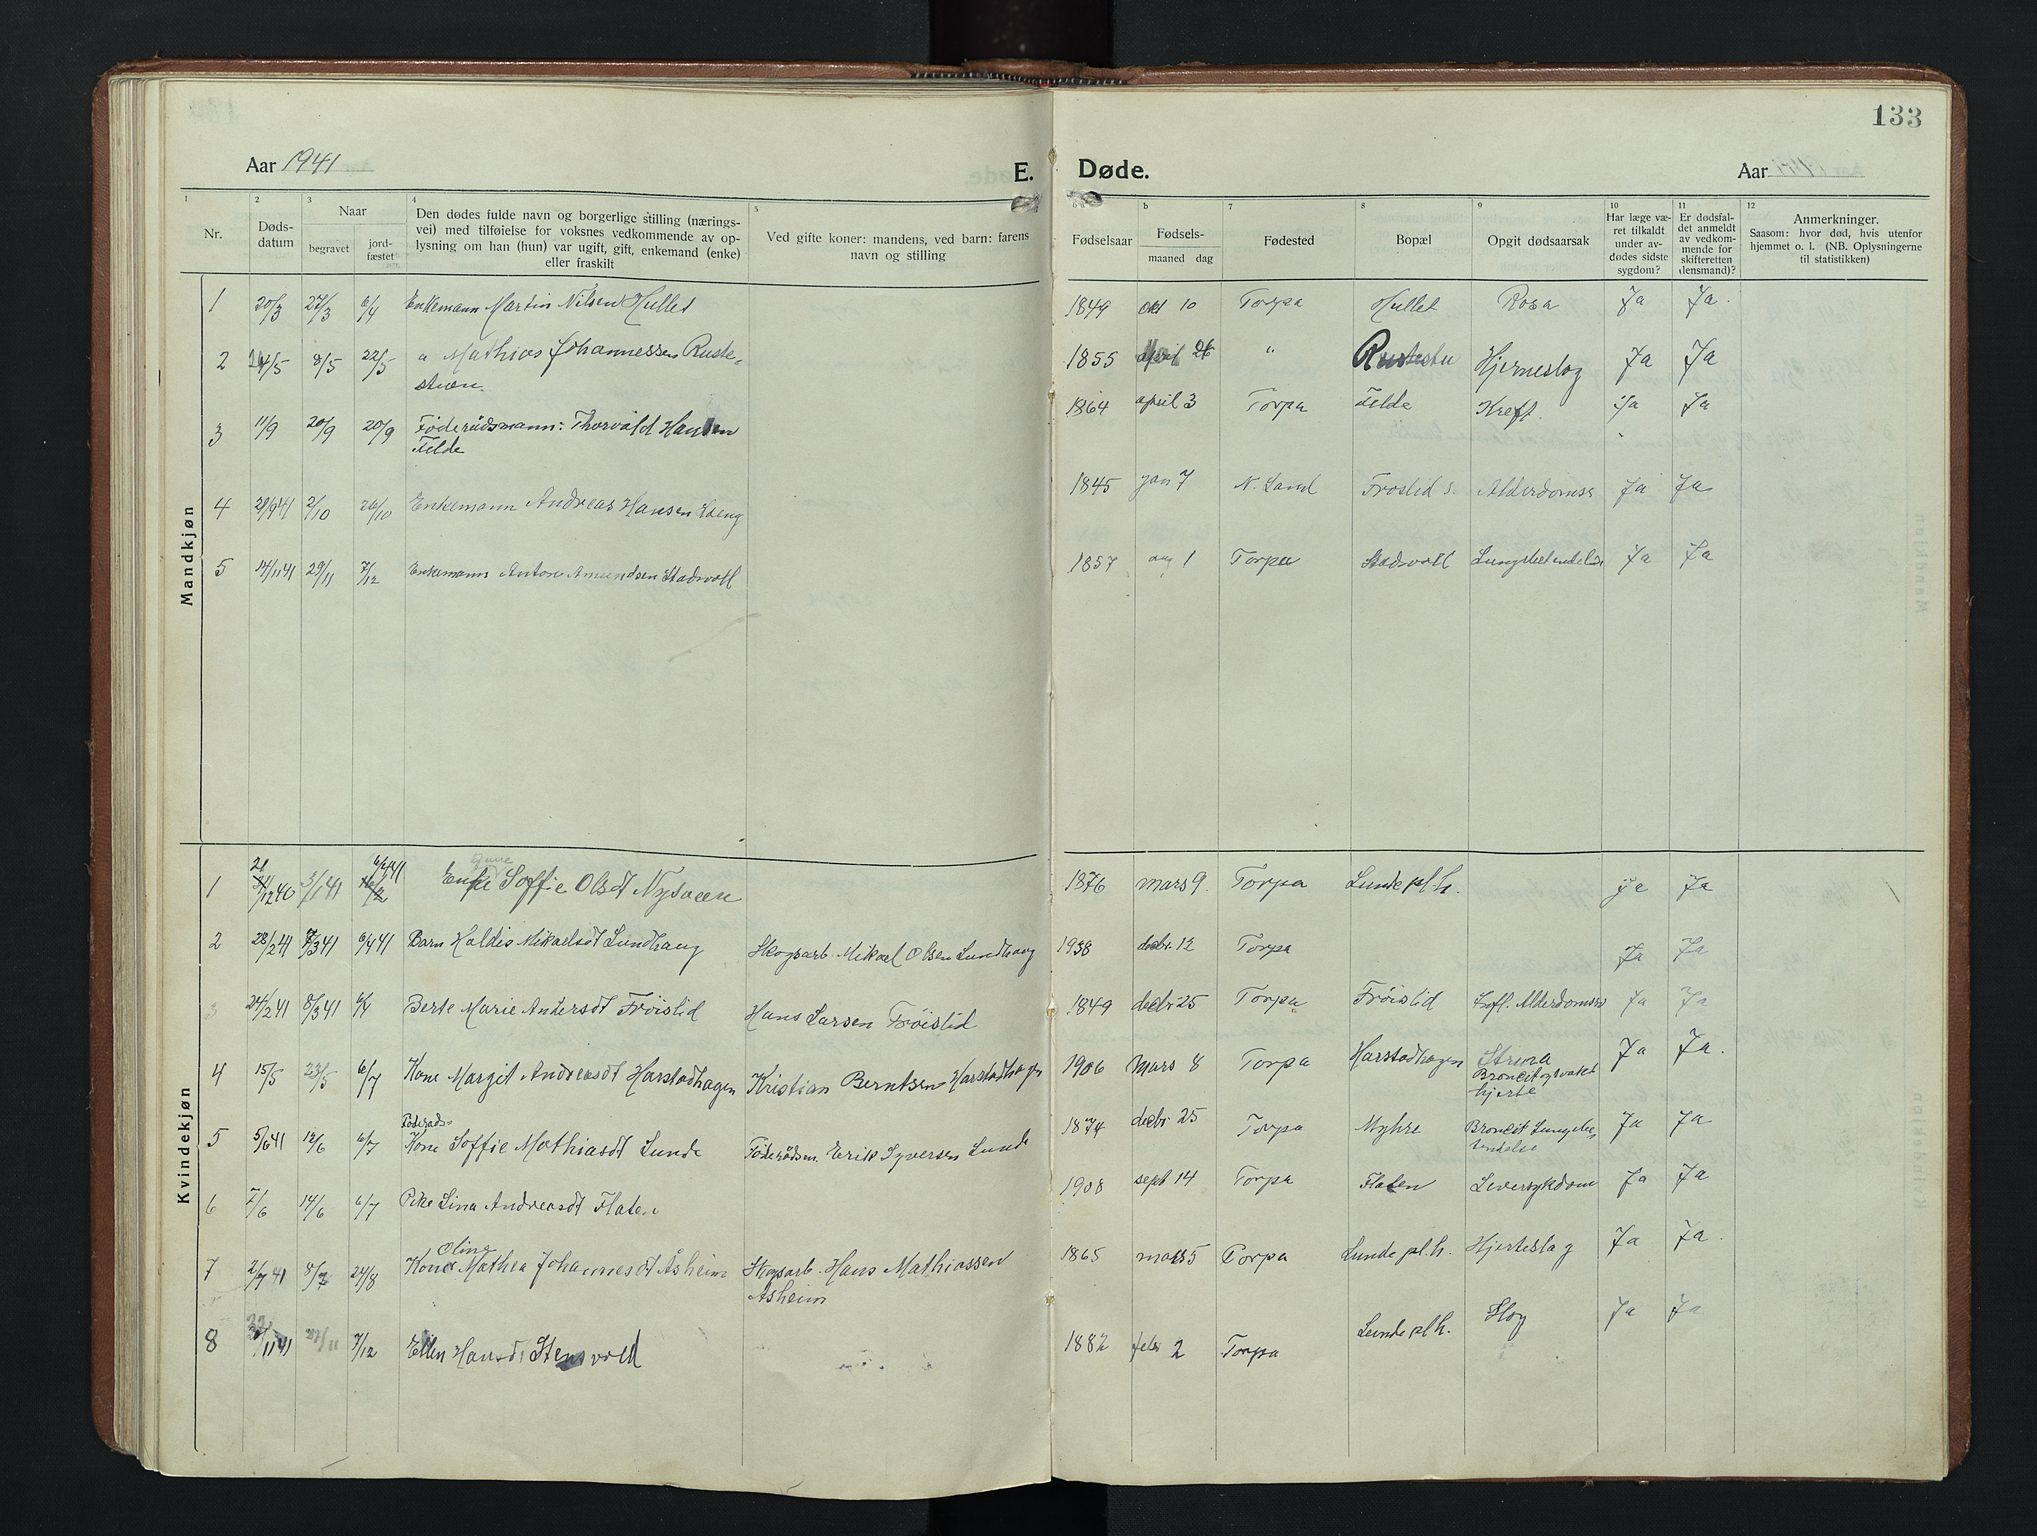 SAH, Nordre Land prestekontor, Klokkerbok nr. 9, 1921-1956, s. 133